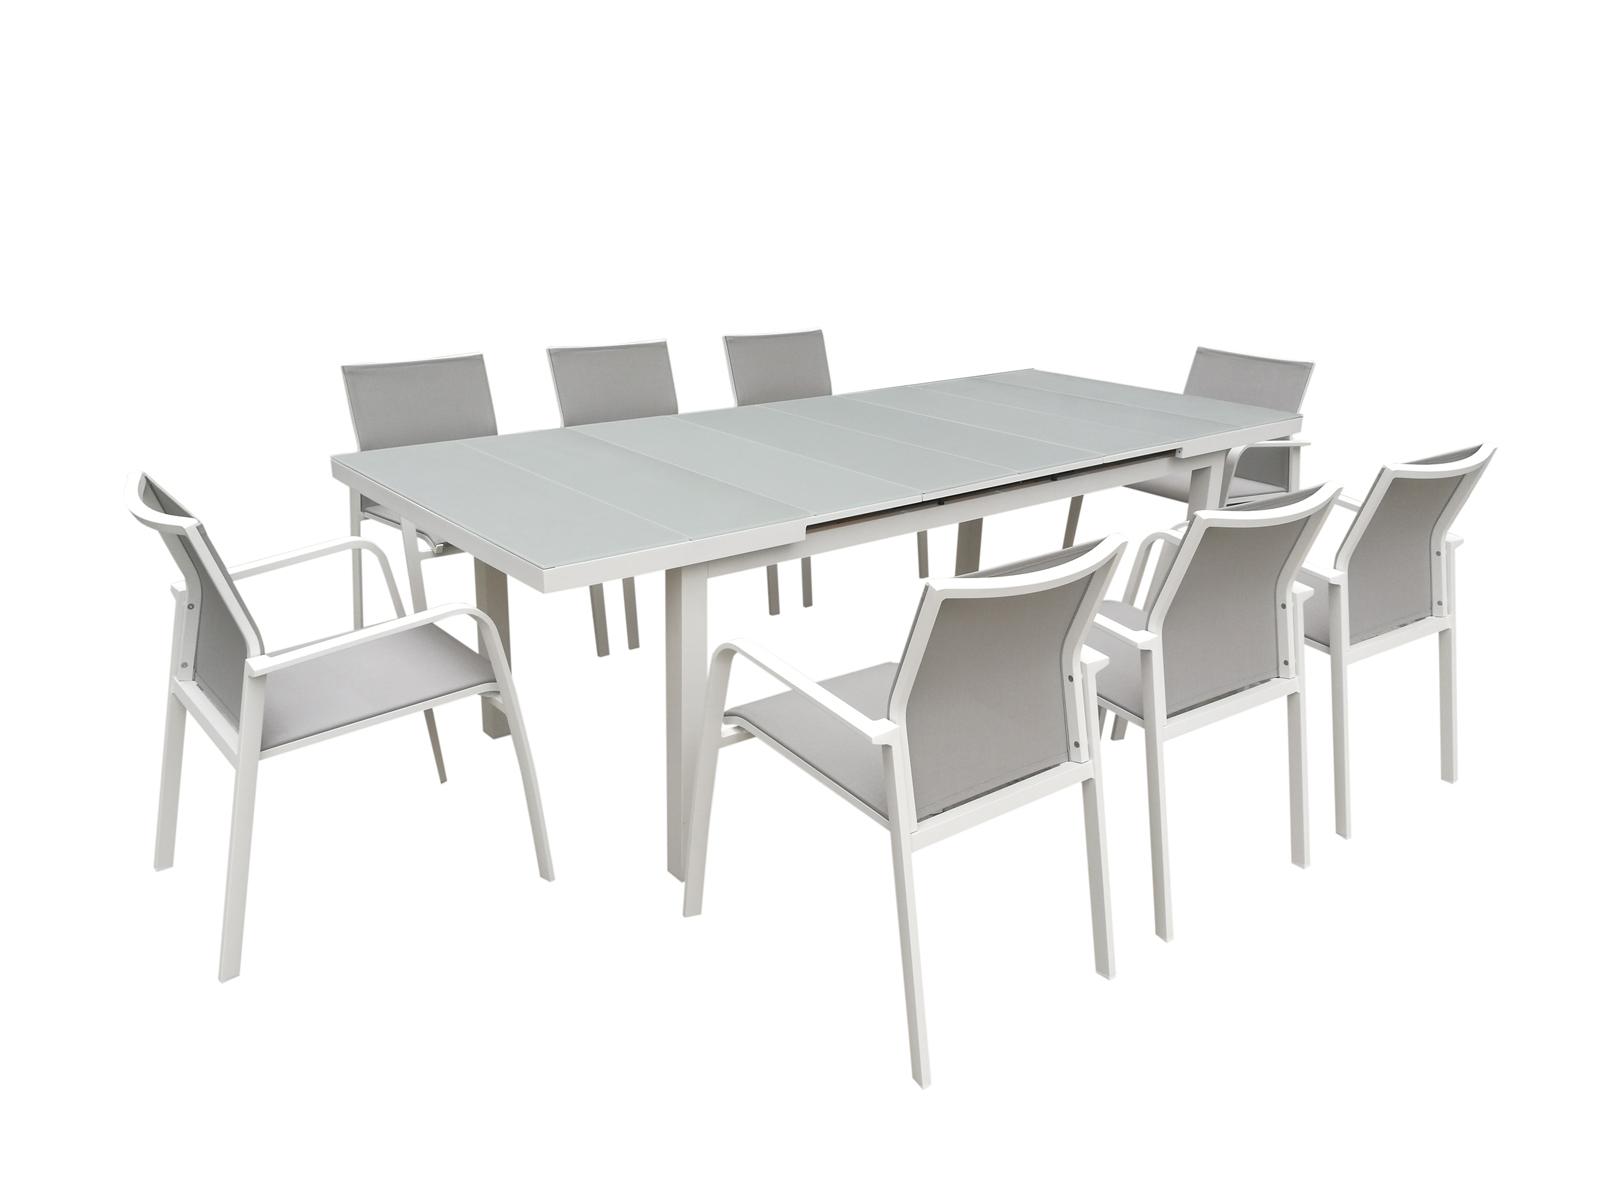 table de jardin extensible nice 180 240cm en aluminium blanc gris et plateau verre blanc gris